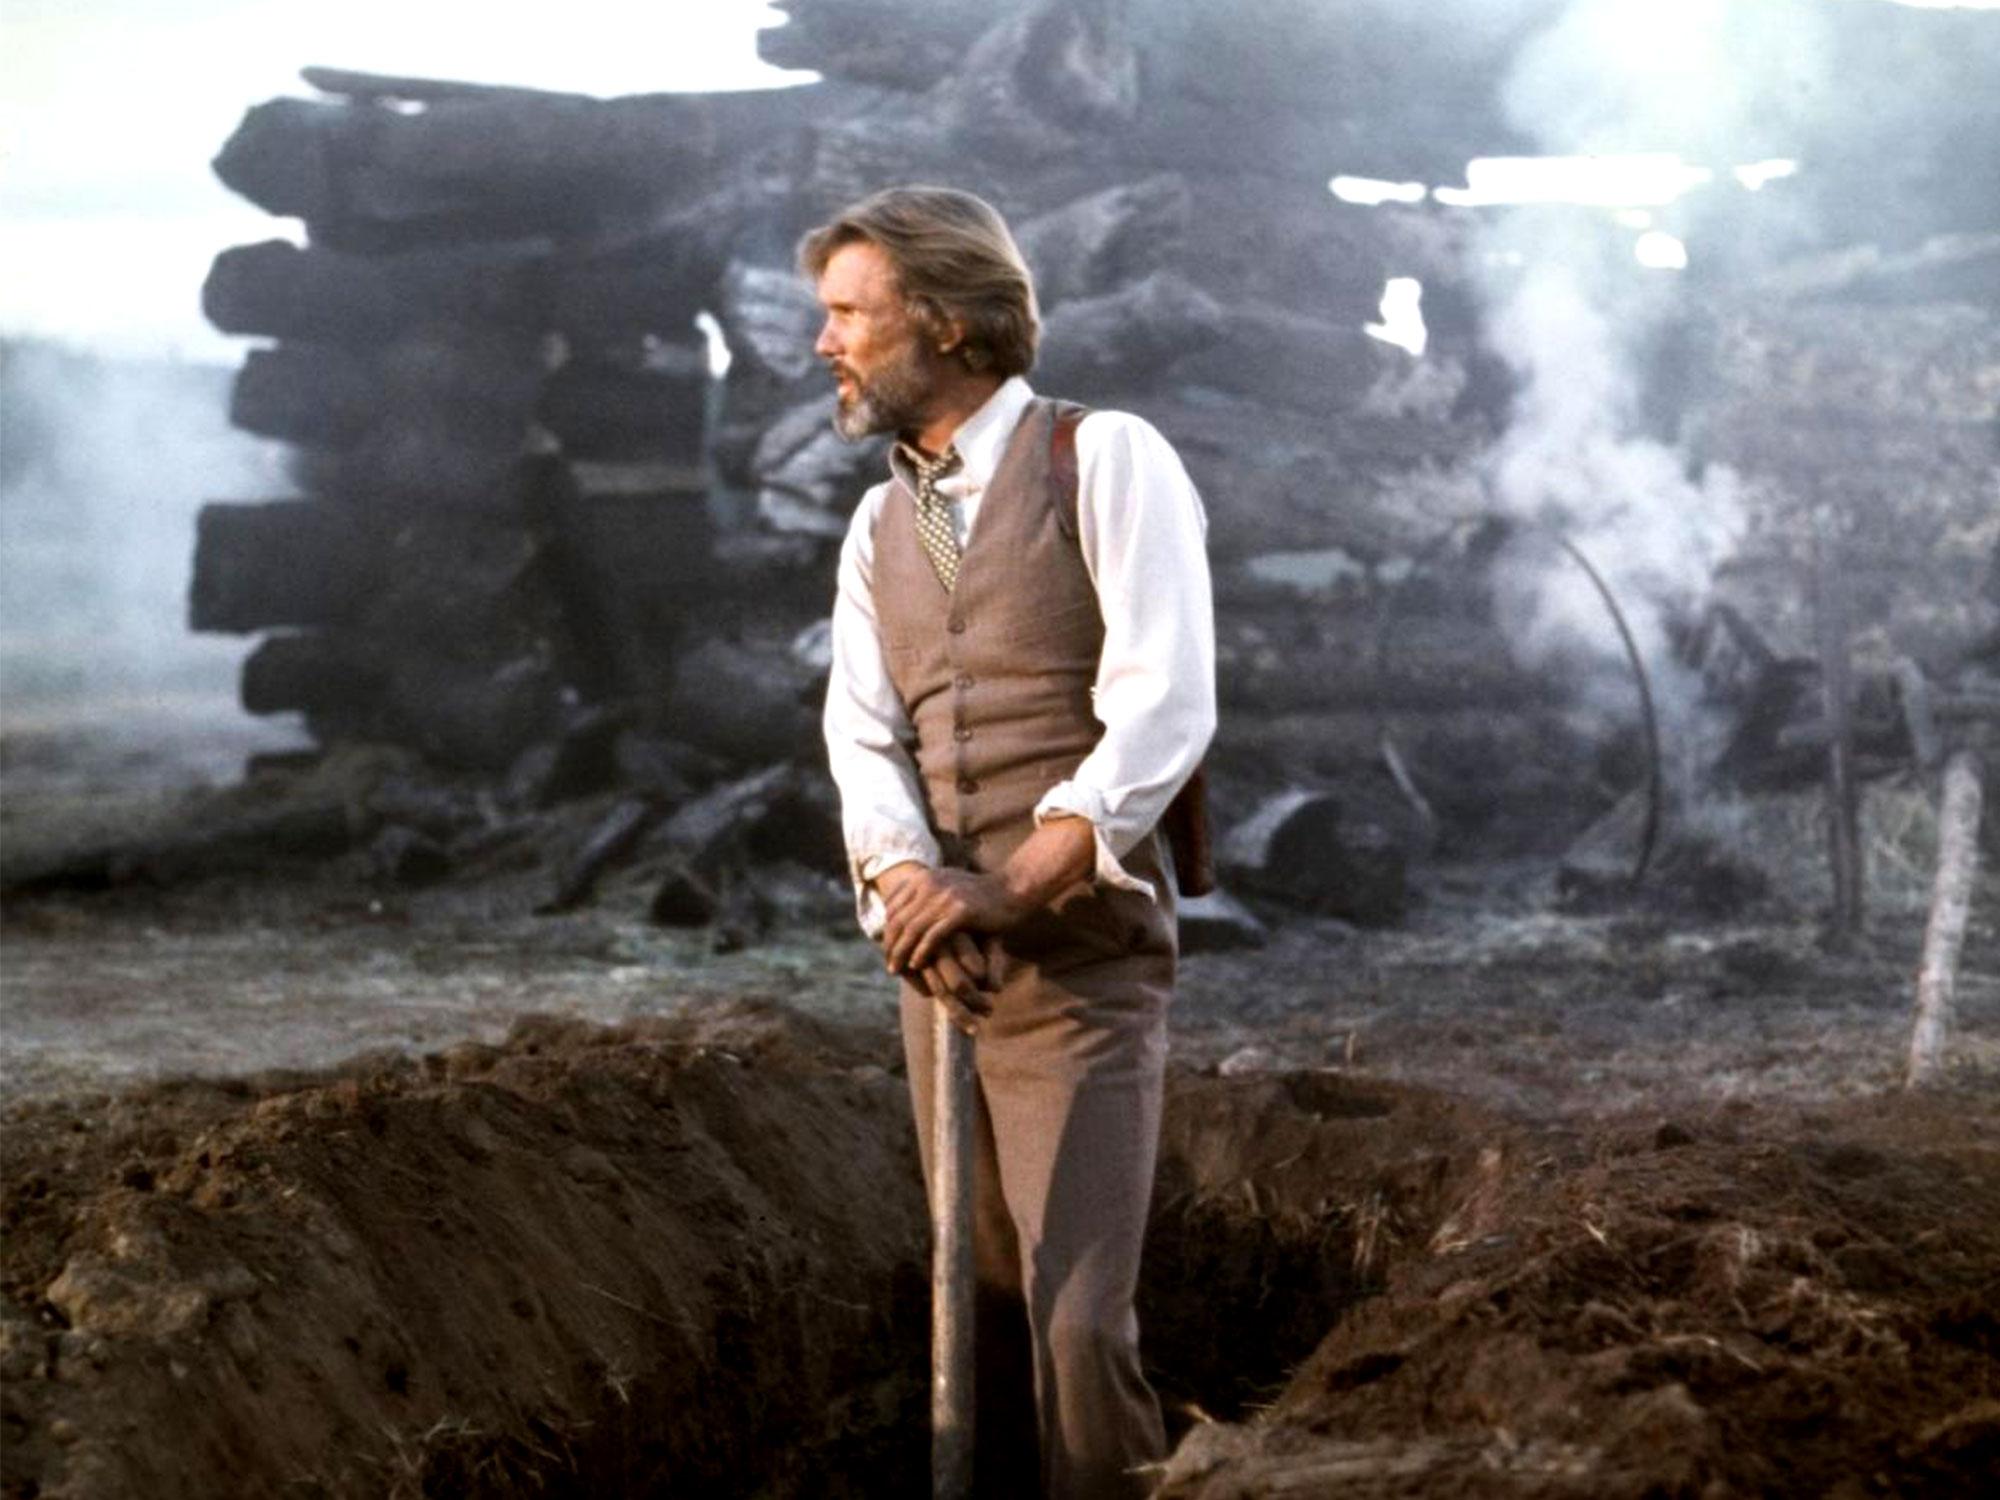 Kris Kristofferson in Heaven's Gate (1980)